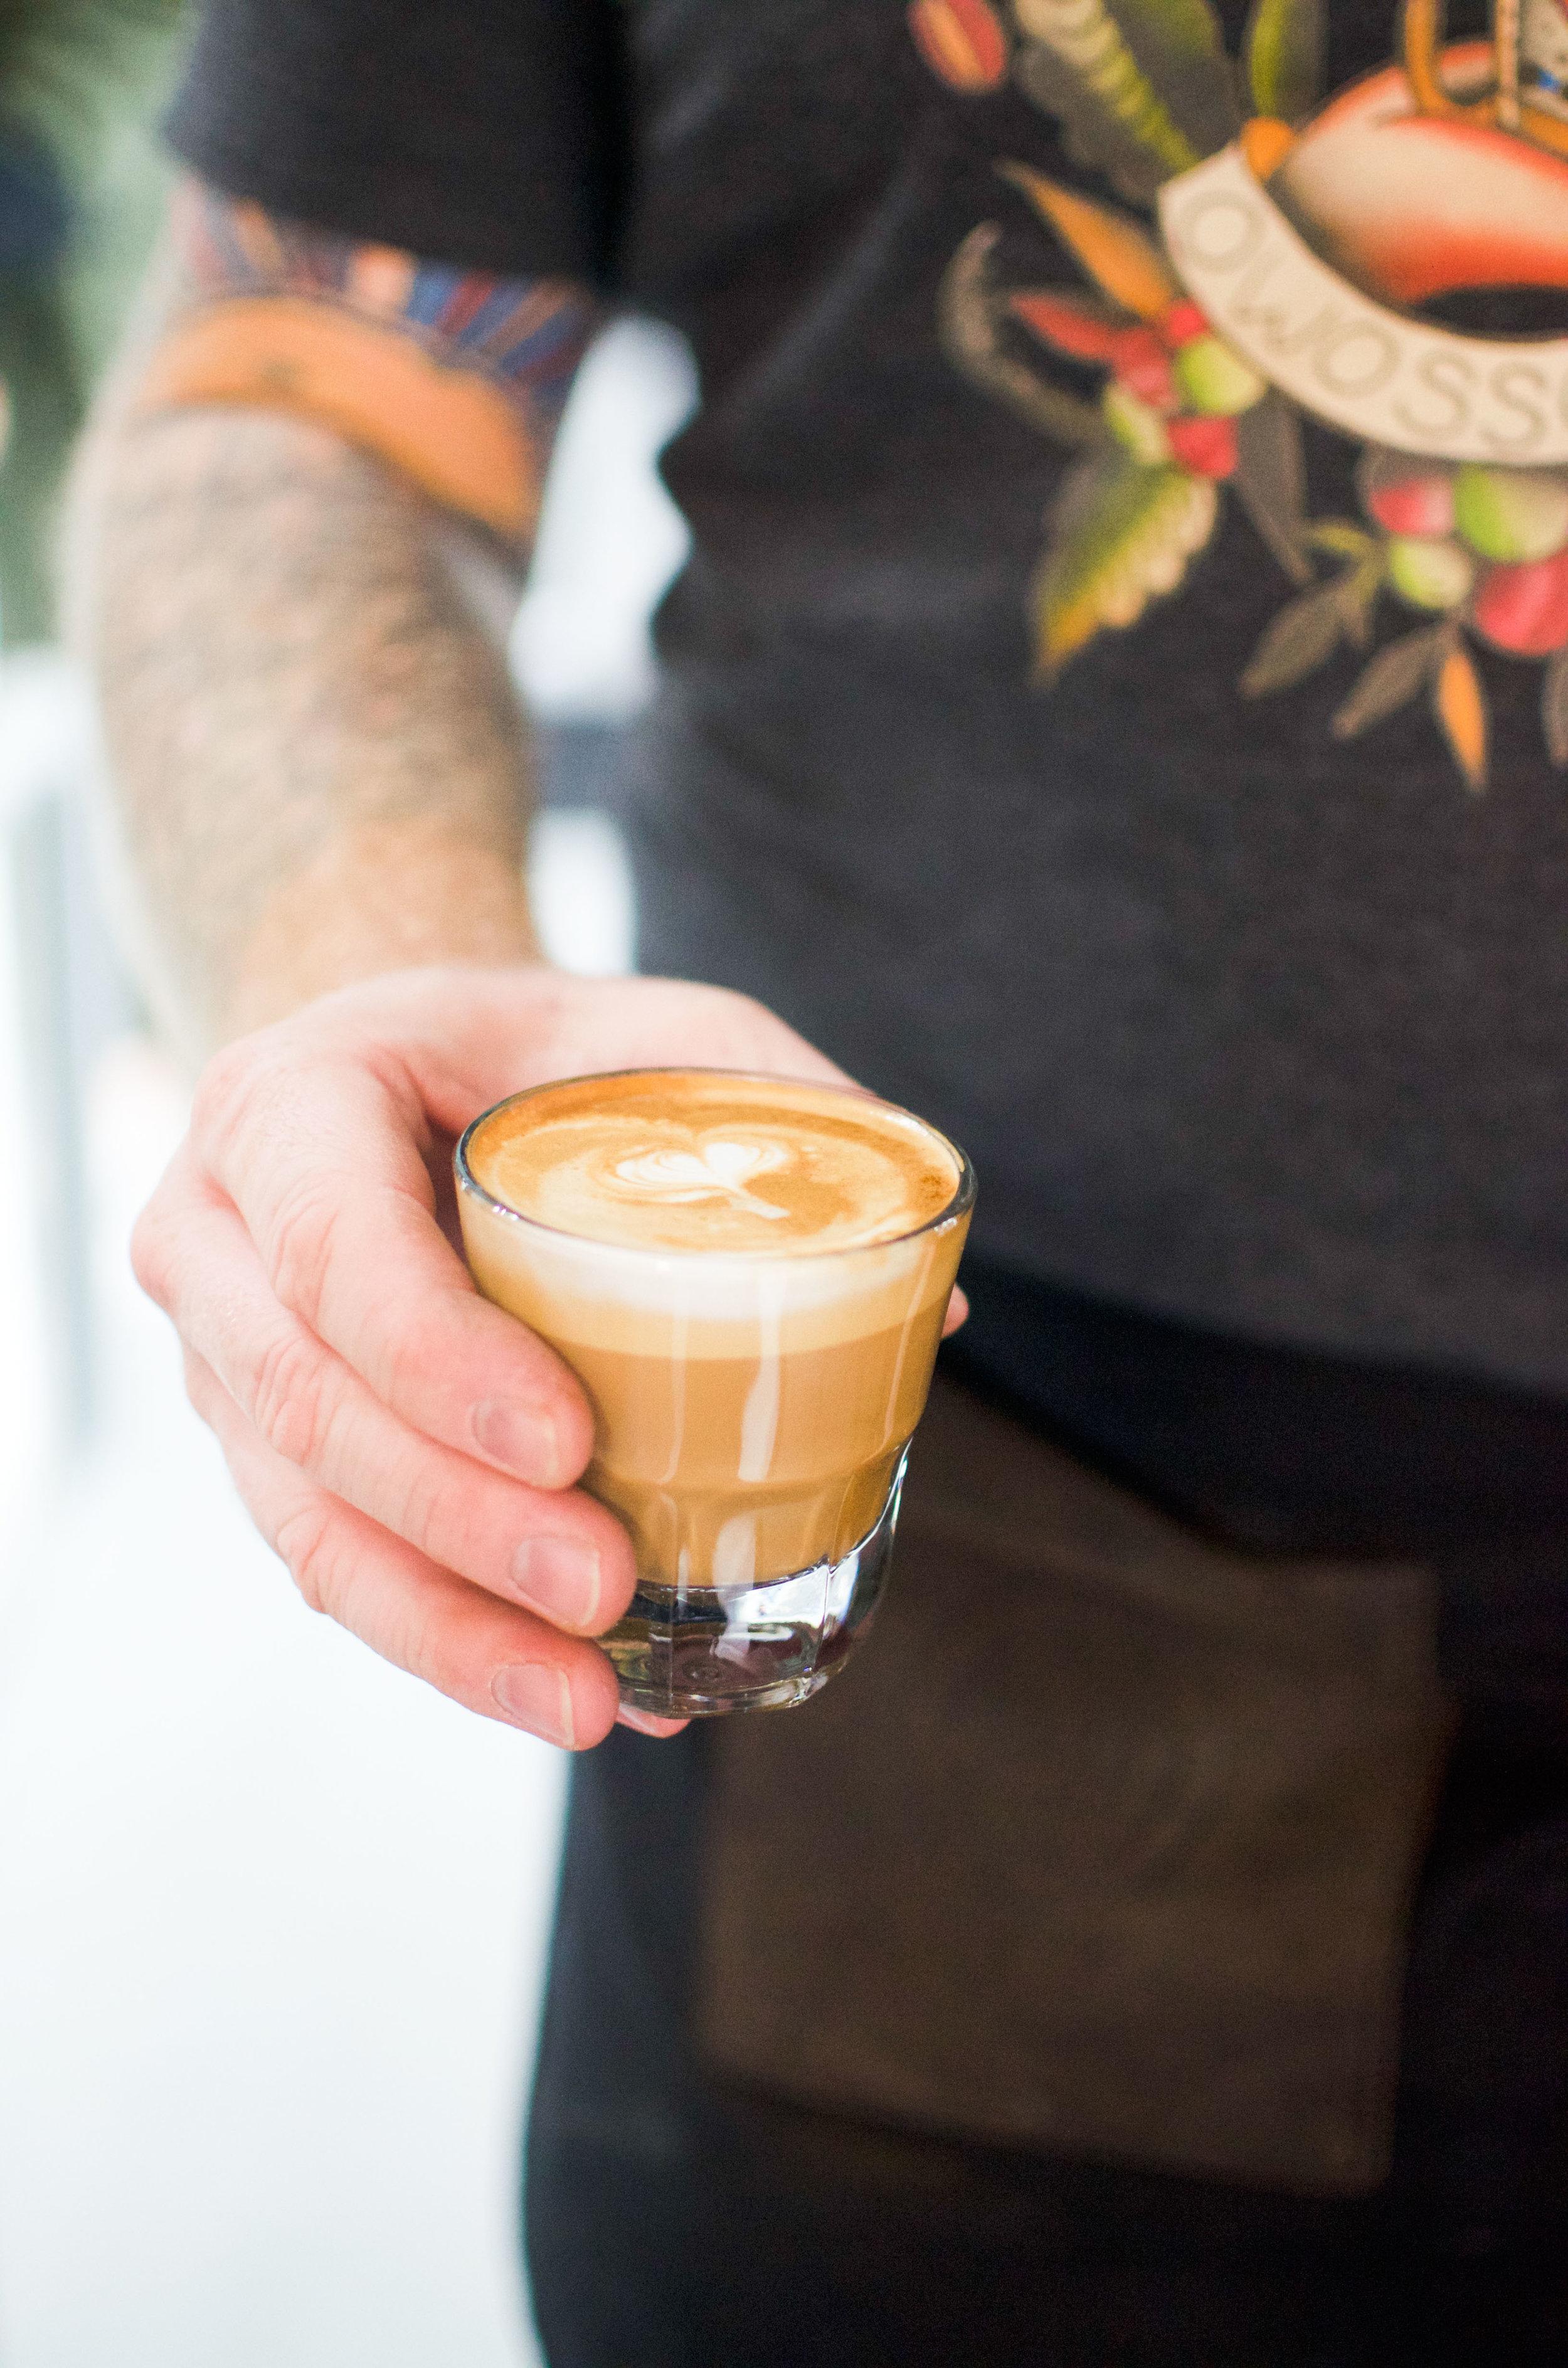 Wendling_Boyd_Foster_Flint_Fwrd_Coffee_Shop-3.jpg